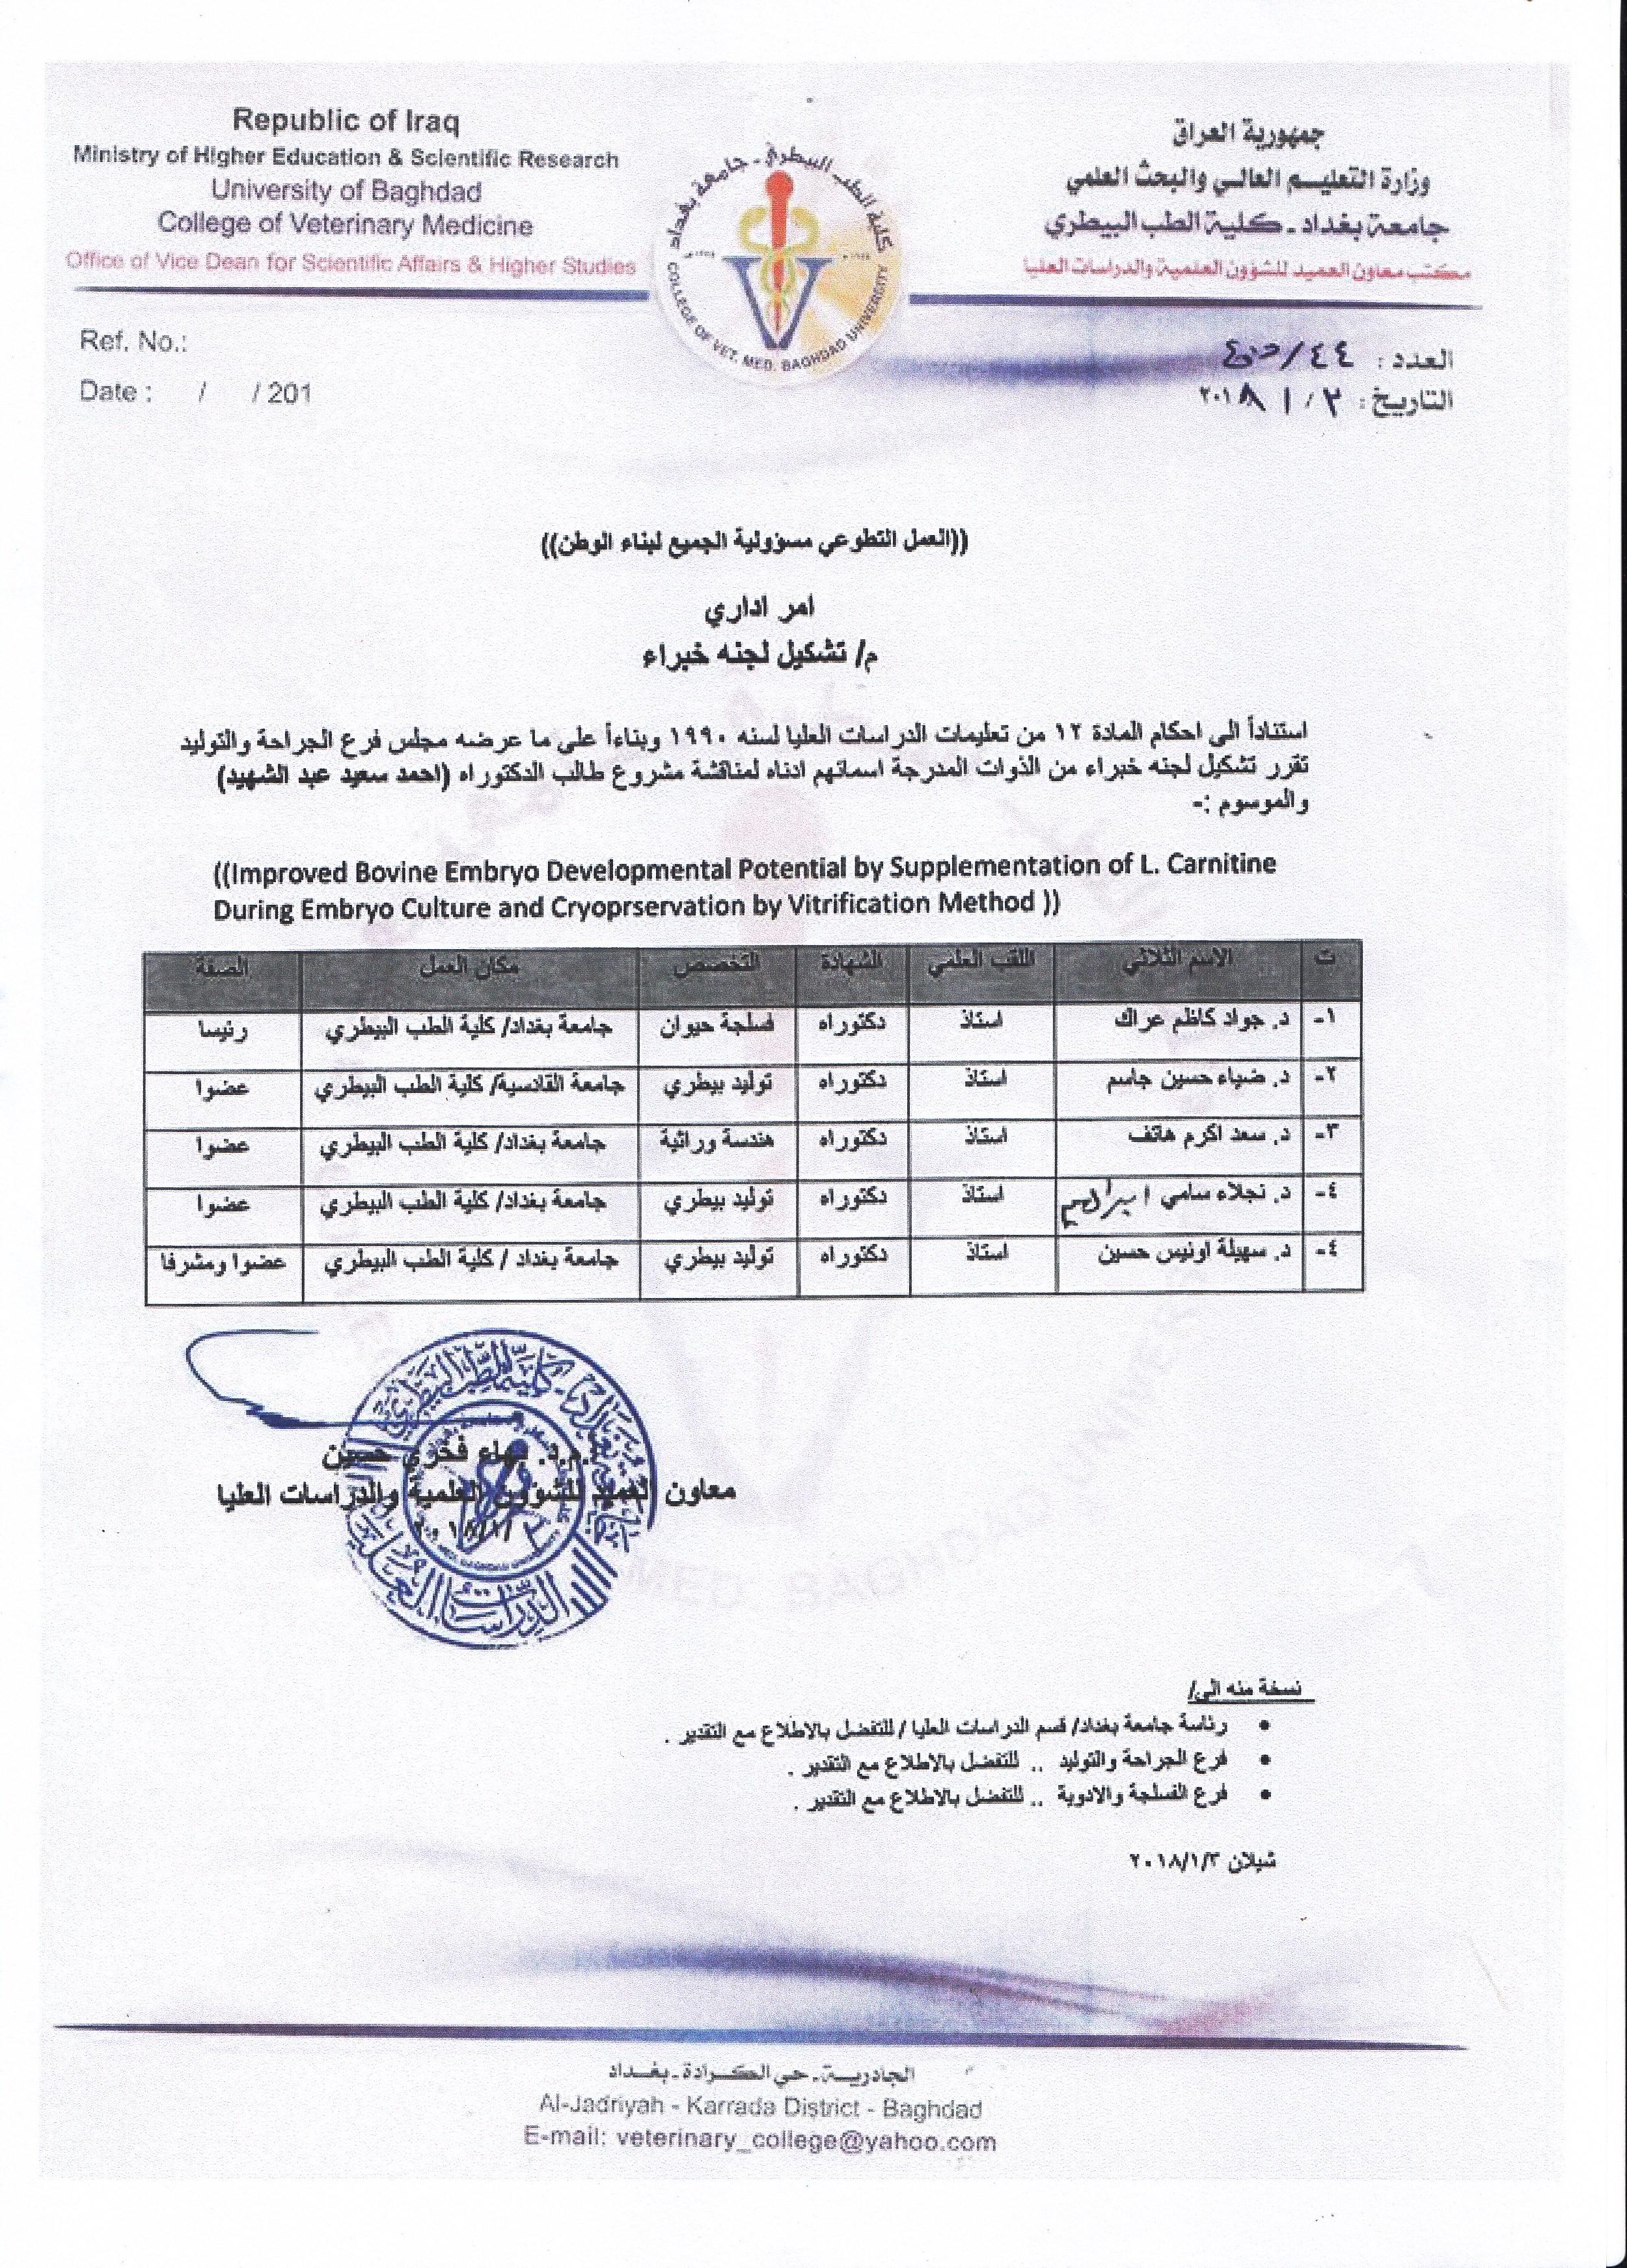 احد تدريسي كلية الطب البيطري جامعة القادسية عضو في لجنة خبراء